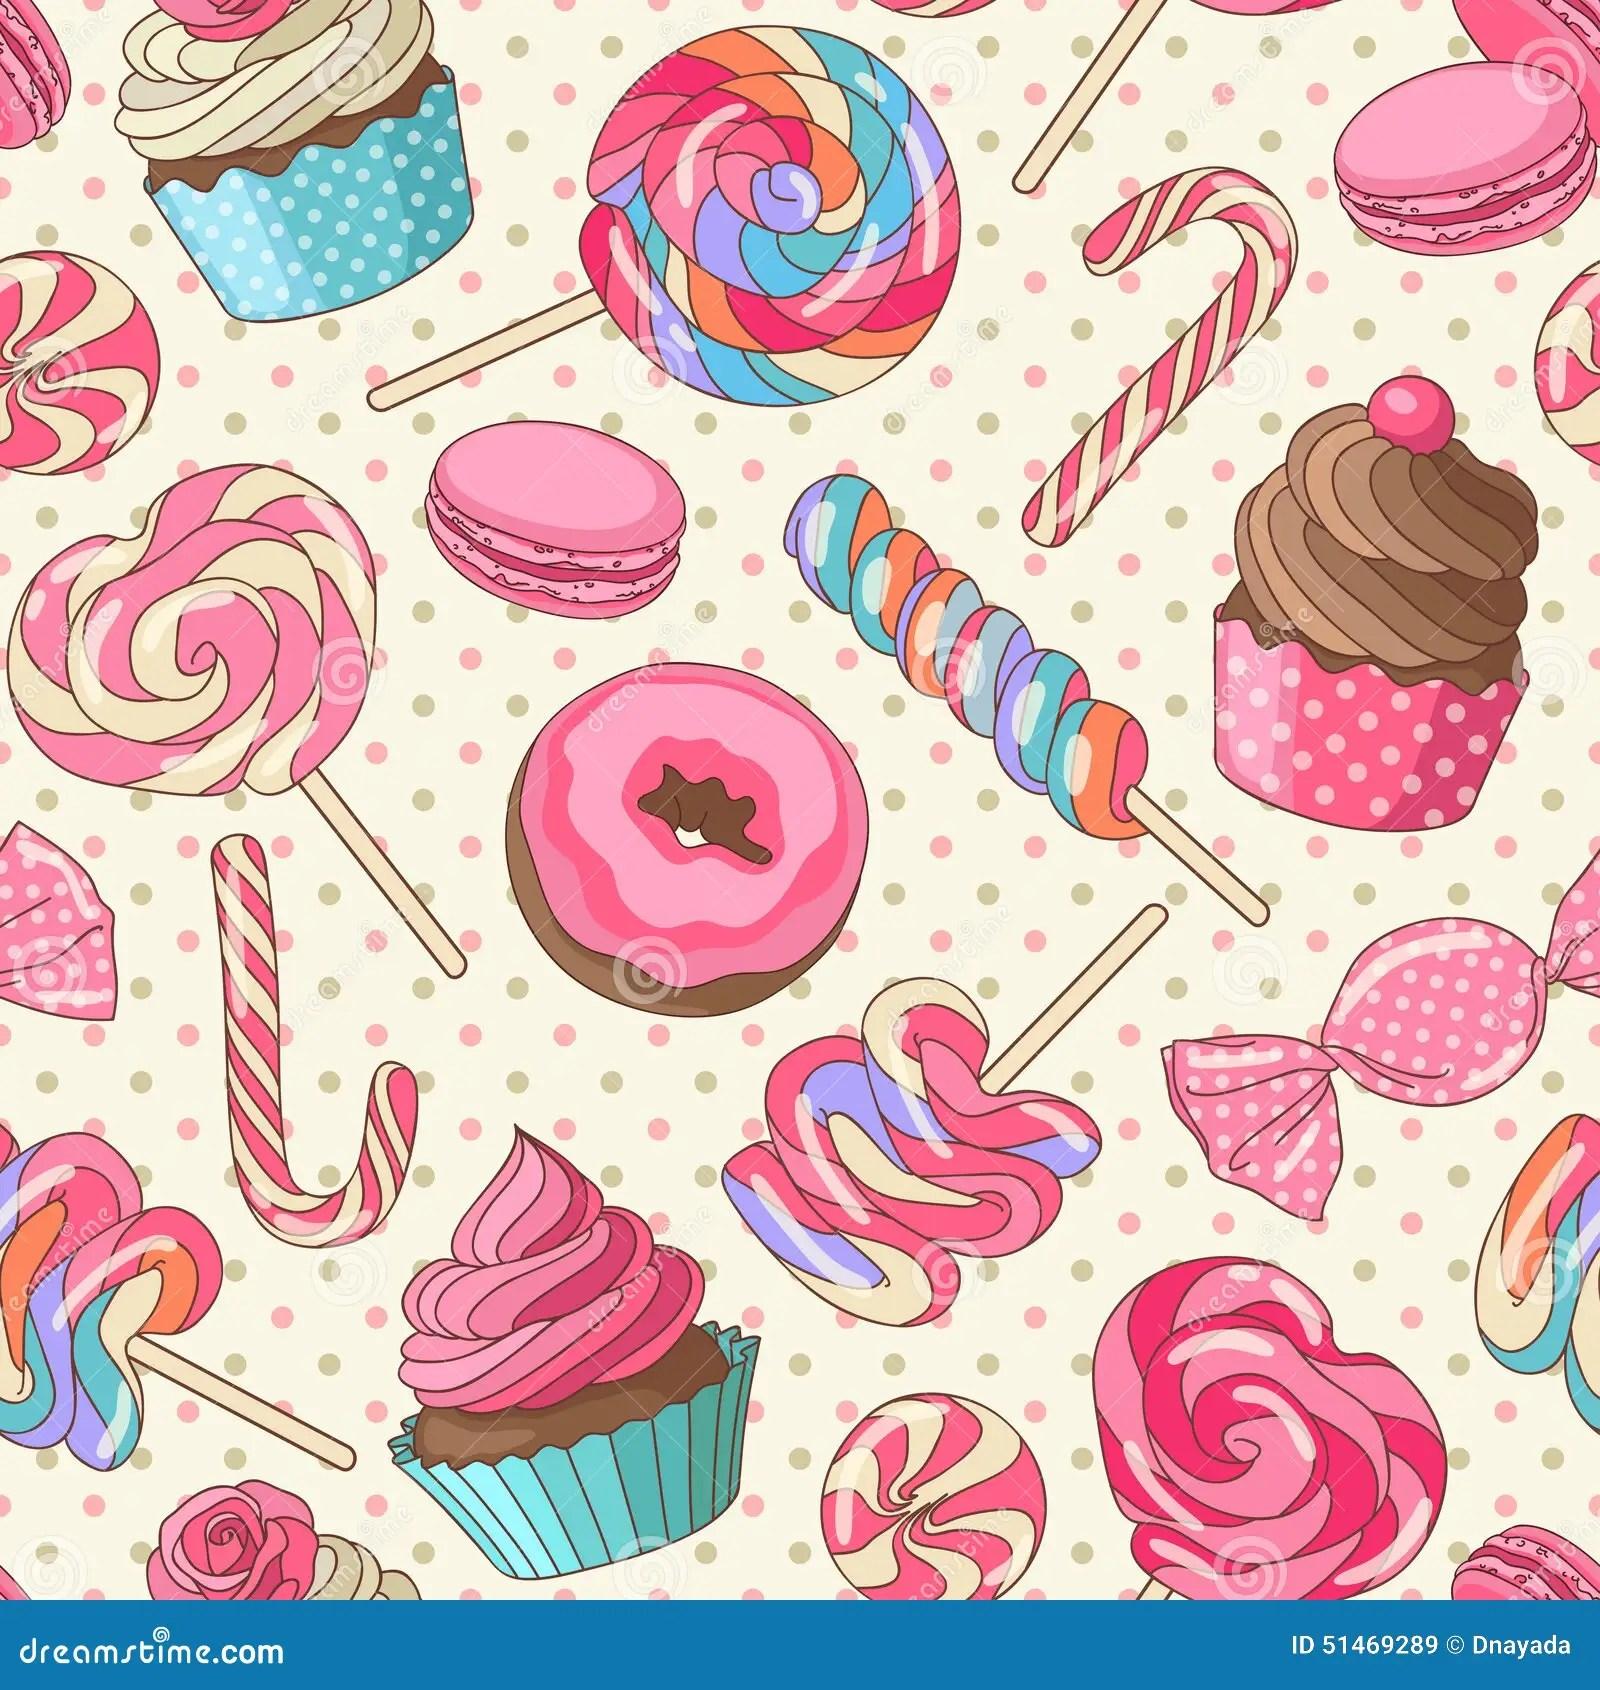 Lollipop Wallpaper Cute Lollipop Pattern Yellow Stock Vector Image 51469289